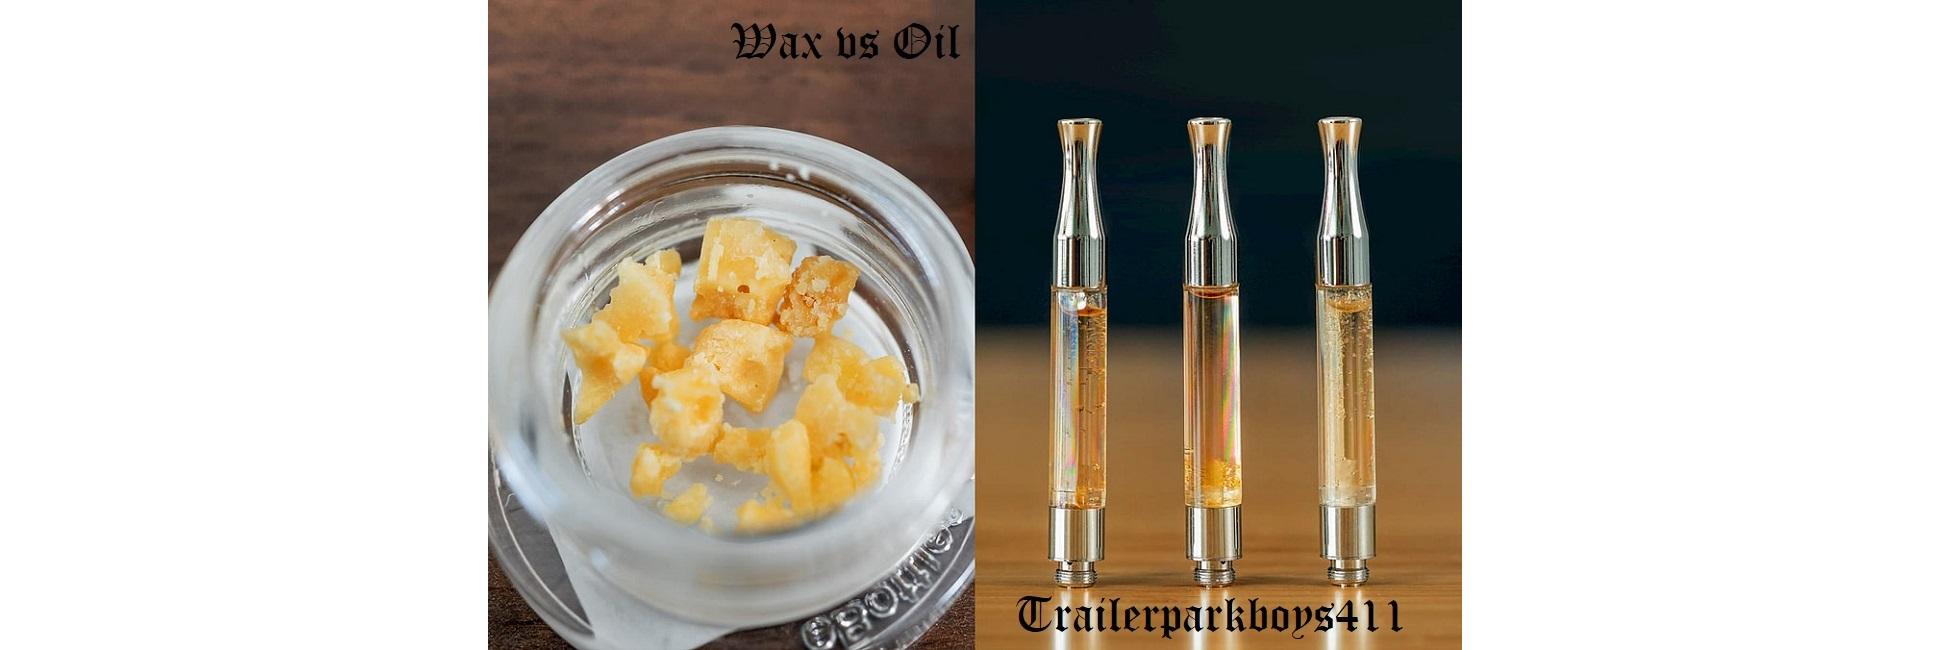 Wax vs Oil